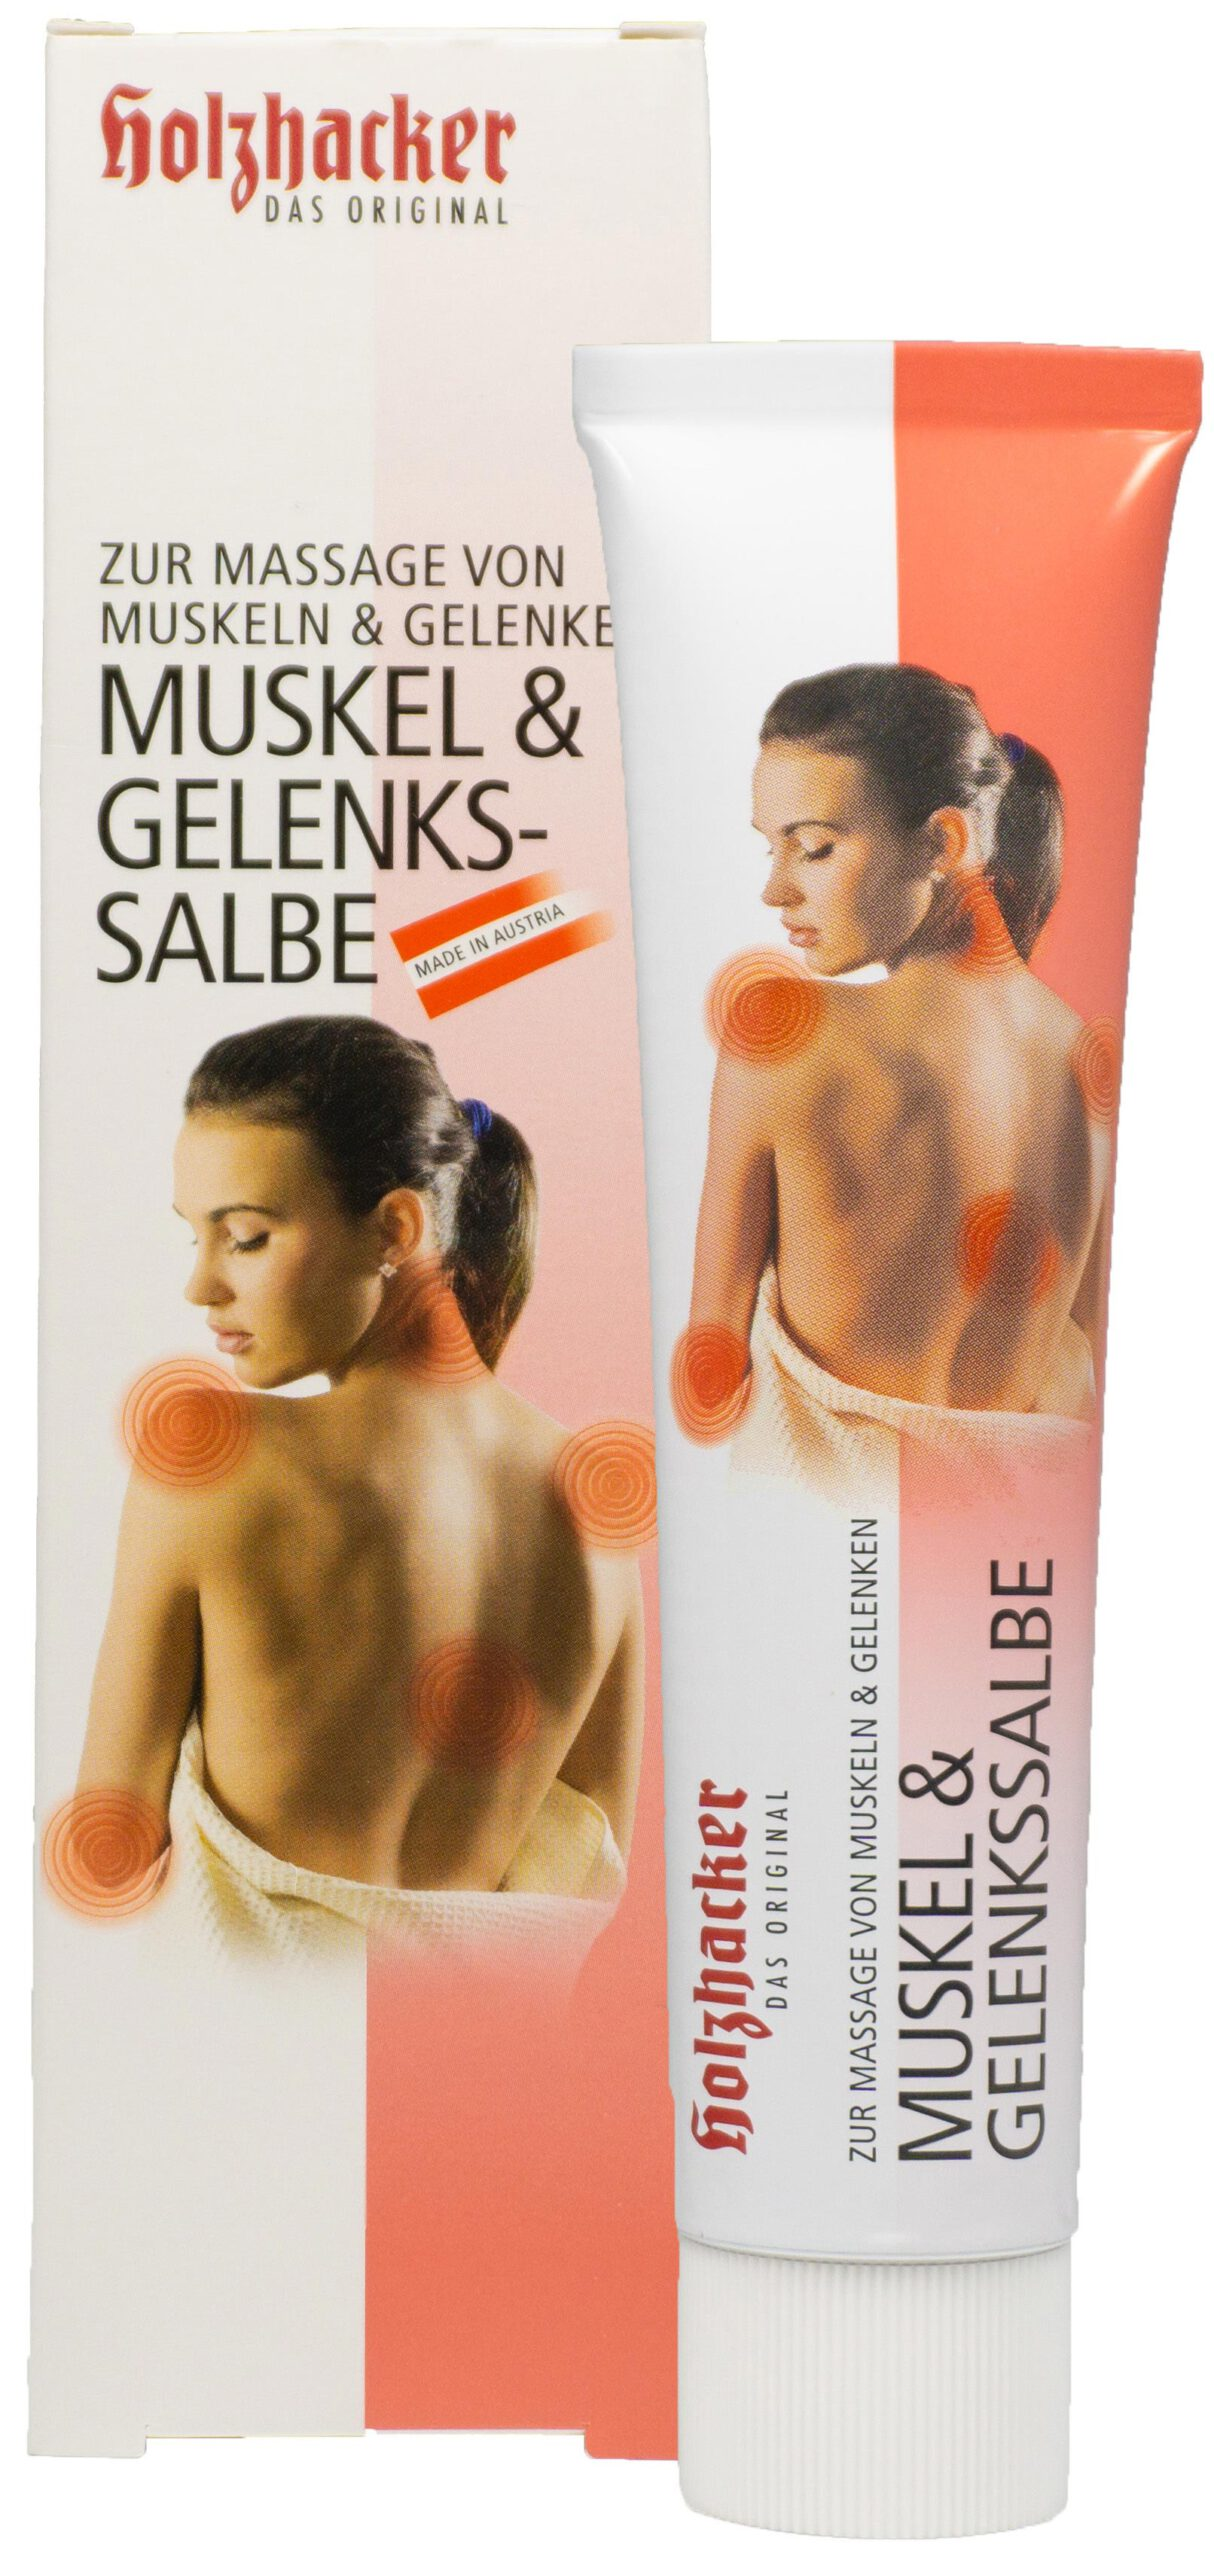 Muskel- und Gelenkssalbe Image